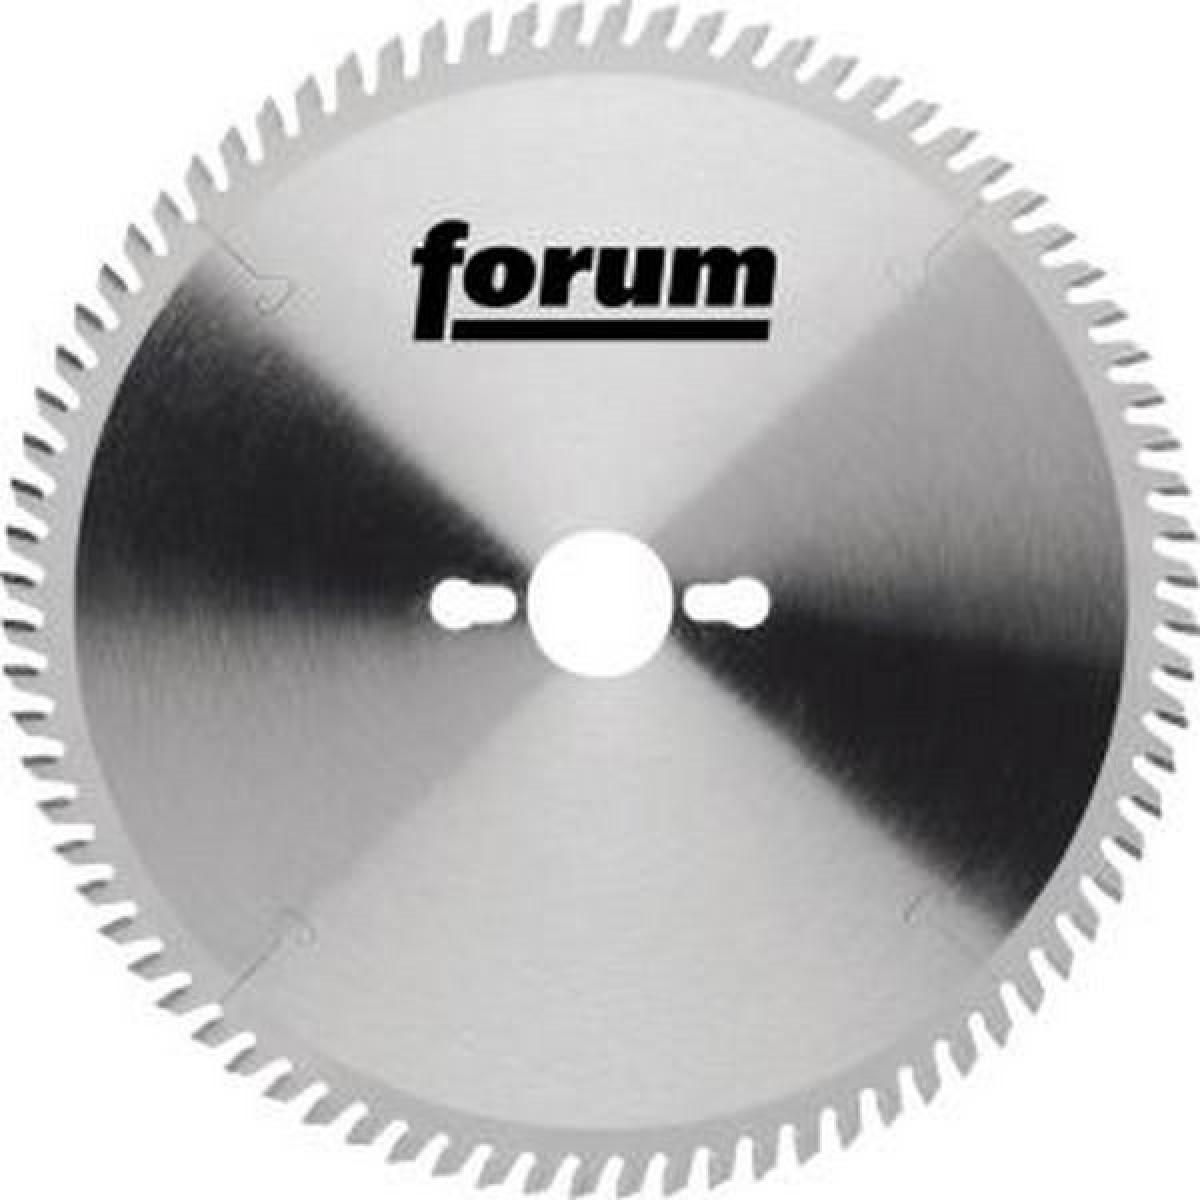 Forum Lame de scie circulaire, Ø : 280 mm, Larg. : 3,2 mm, Alésage 30 mm, Perçages secondaires : 2KNL*, Dents : 28